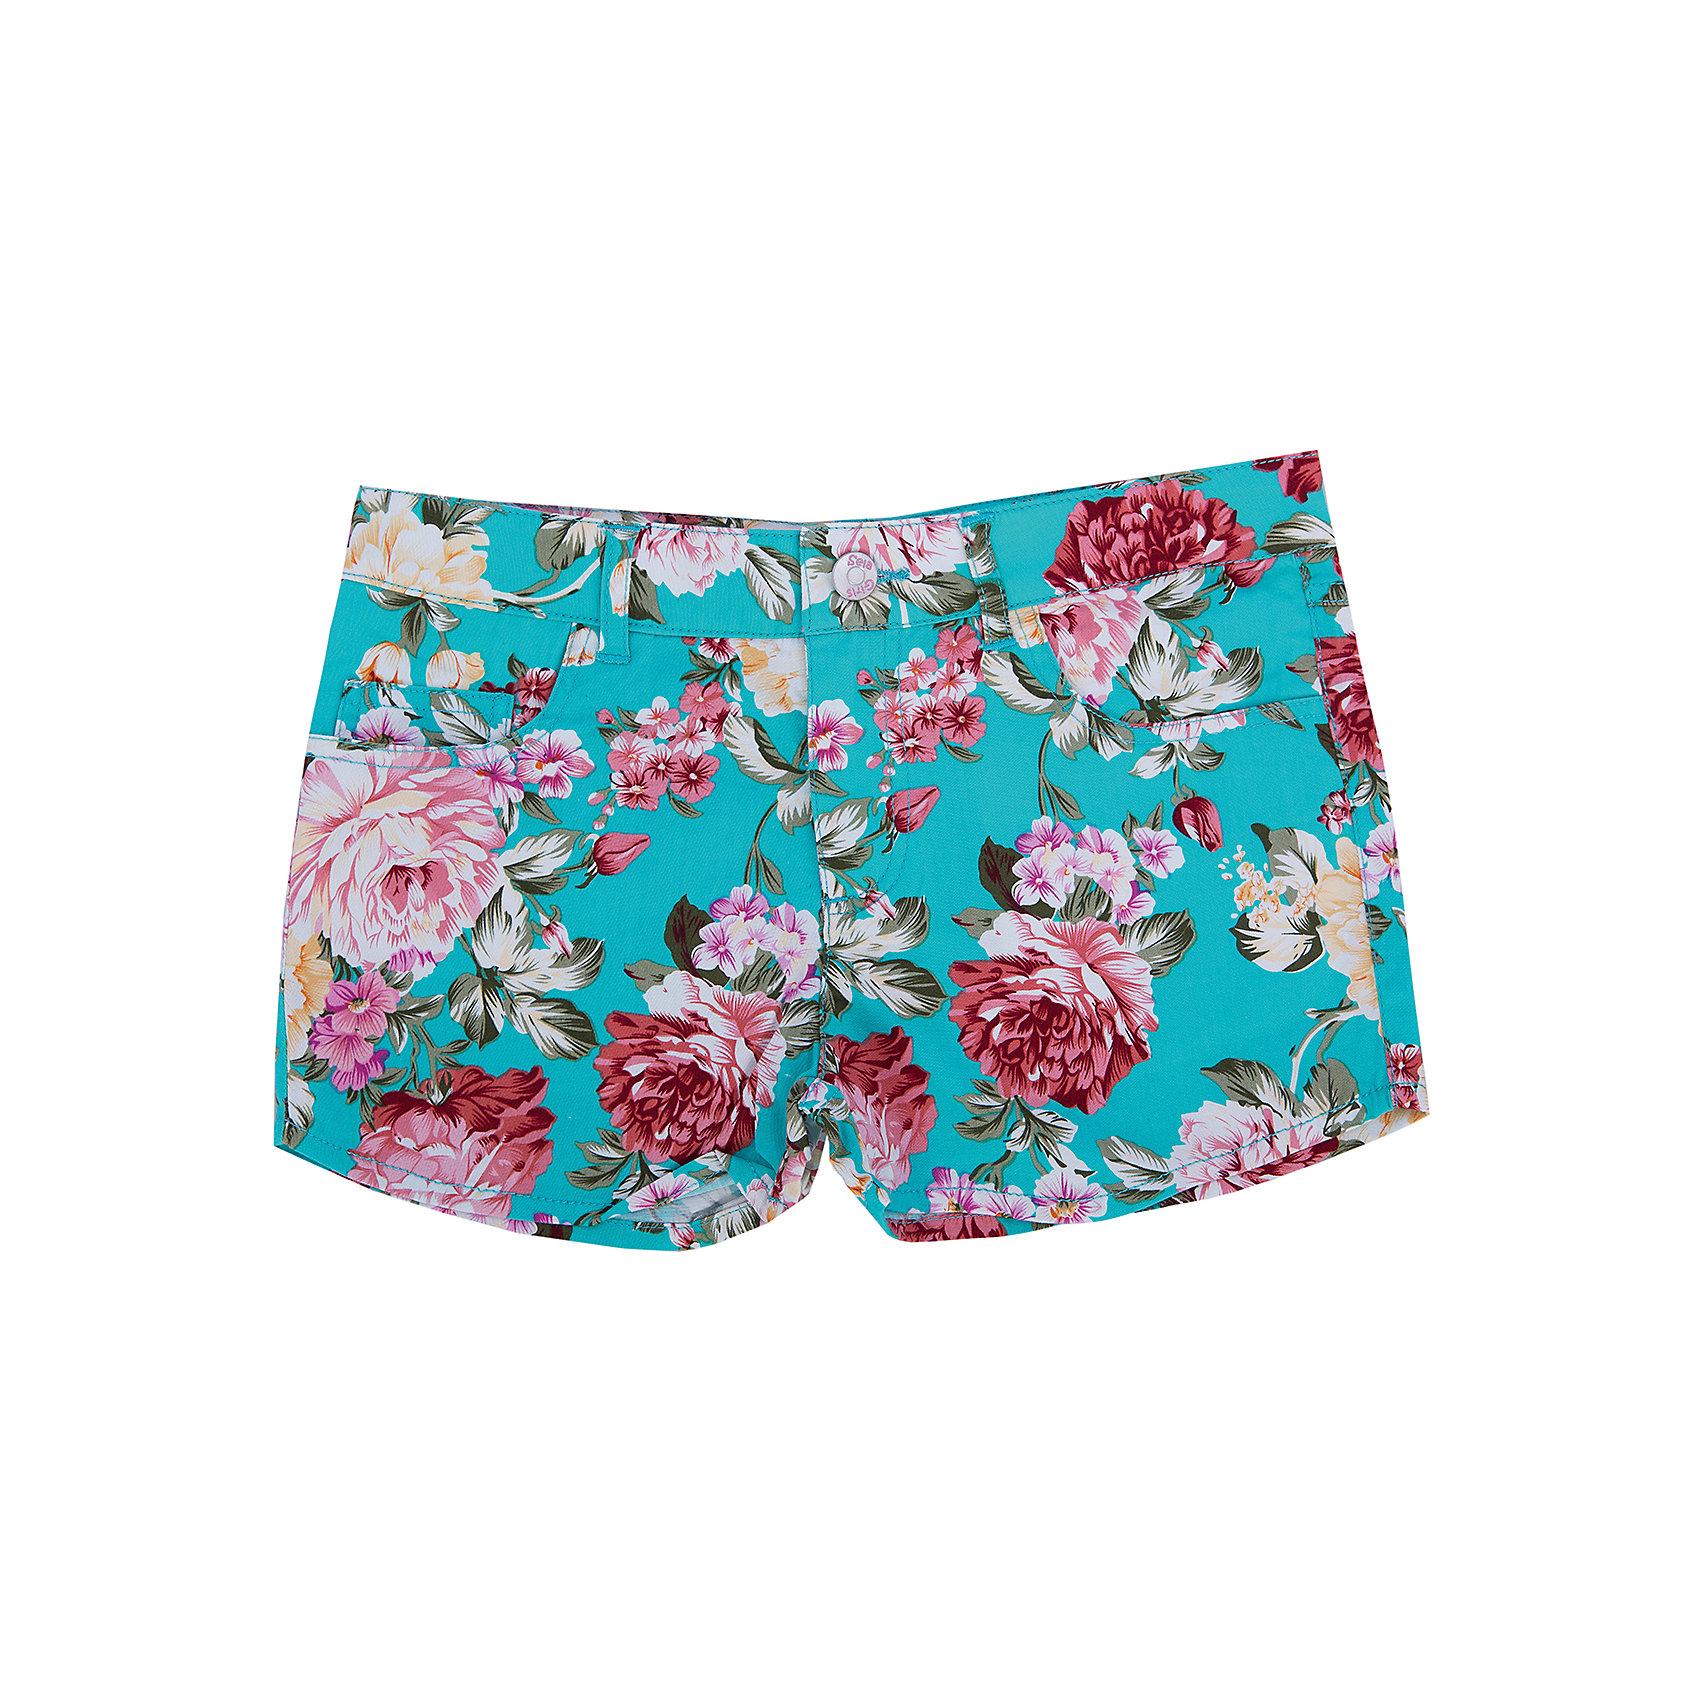 Шорты для девочки SELAШорты, бриджи, капри<br>Потрясающие шорты для девочки от популярного бренда SELA. Изделие выполнено из плотного материала высокого качества, хорошо держащего форму и приятного к телу, и обладает следующими особенностями:<br>- насыщенный цвет, актуальный цветочный принт;<br>- облегающий фасон;<br>- широкий пояс с удобной застежкой, шлевки для ремня;<br>- 5 карманов.<br>Прекрасный выбор для юной модницы!<br><br>Дополнительная информация:<br>- состав: 98% хлопок, 2% эластан<br><br>Шорты для девочки SELA можно купить в нашем магазине<br><br>Ширина мм: 191<br>Глубина мм: 10<br>Высота мм: 175<br>Вес г: 273<br>Цвет: голубой<br>Возраст от месяцев: 132<br>Возраст до месяцев: 144<br>Пол: Женский<br>Возраст: Детский<br>Размер: 152,134,116,122,128,140,146<br>SKU: 4741831